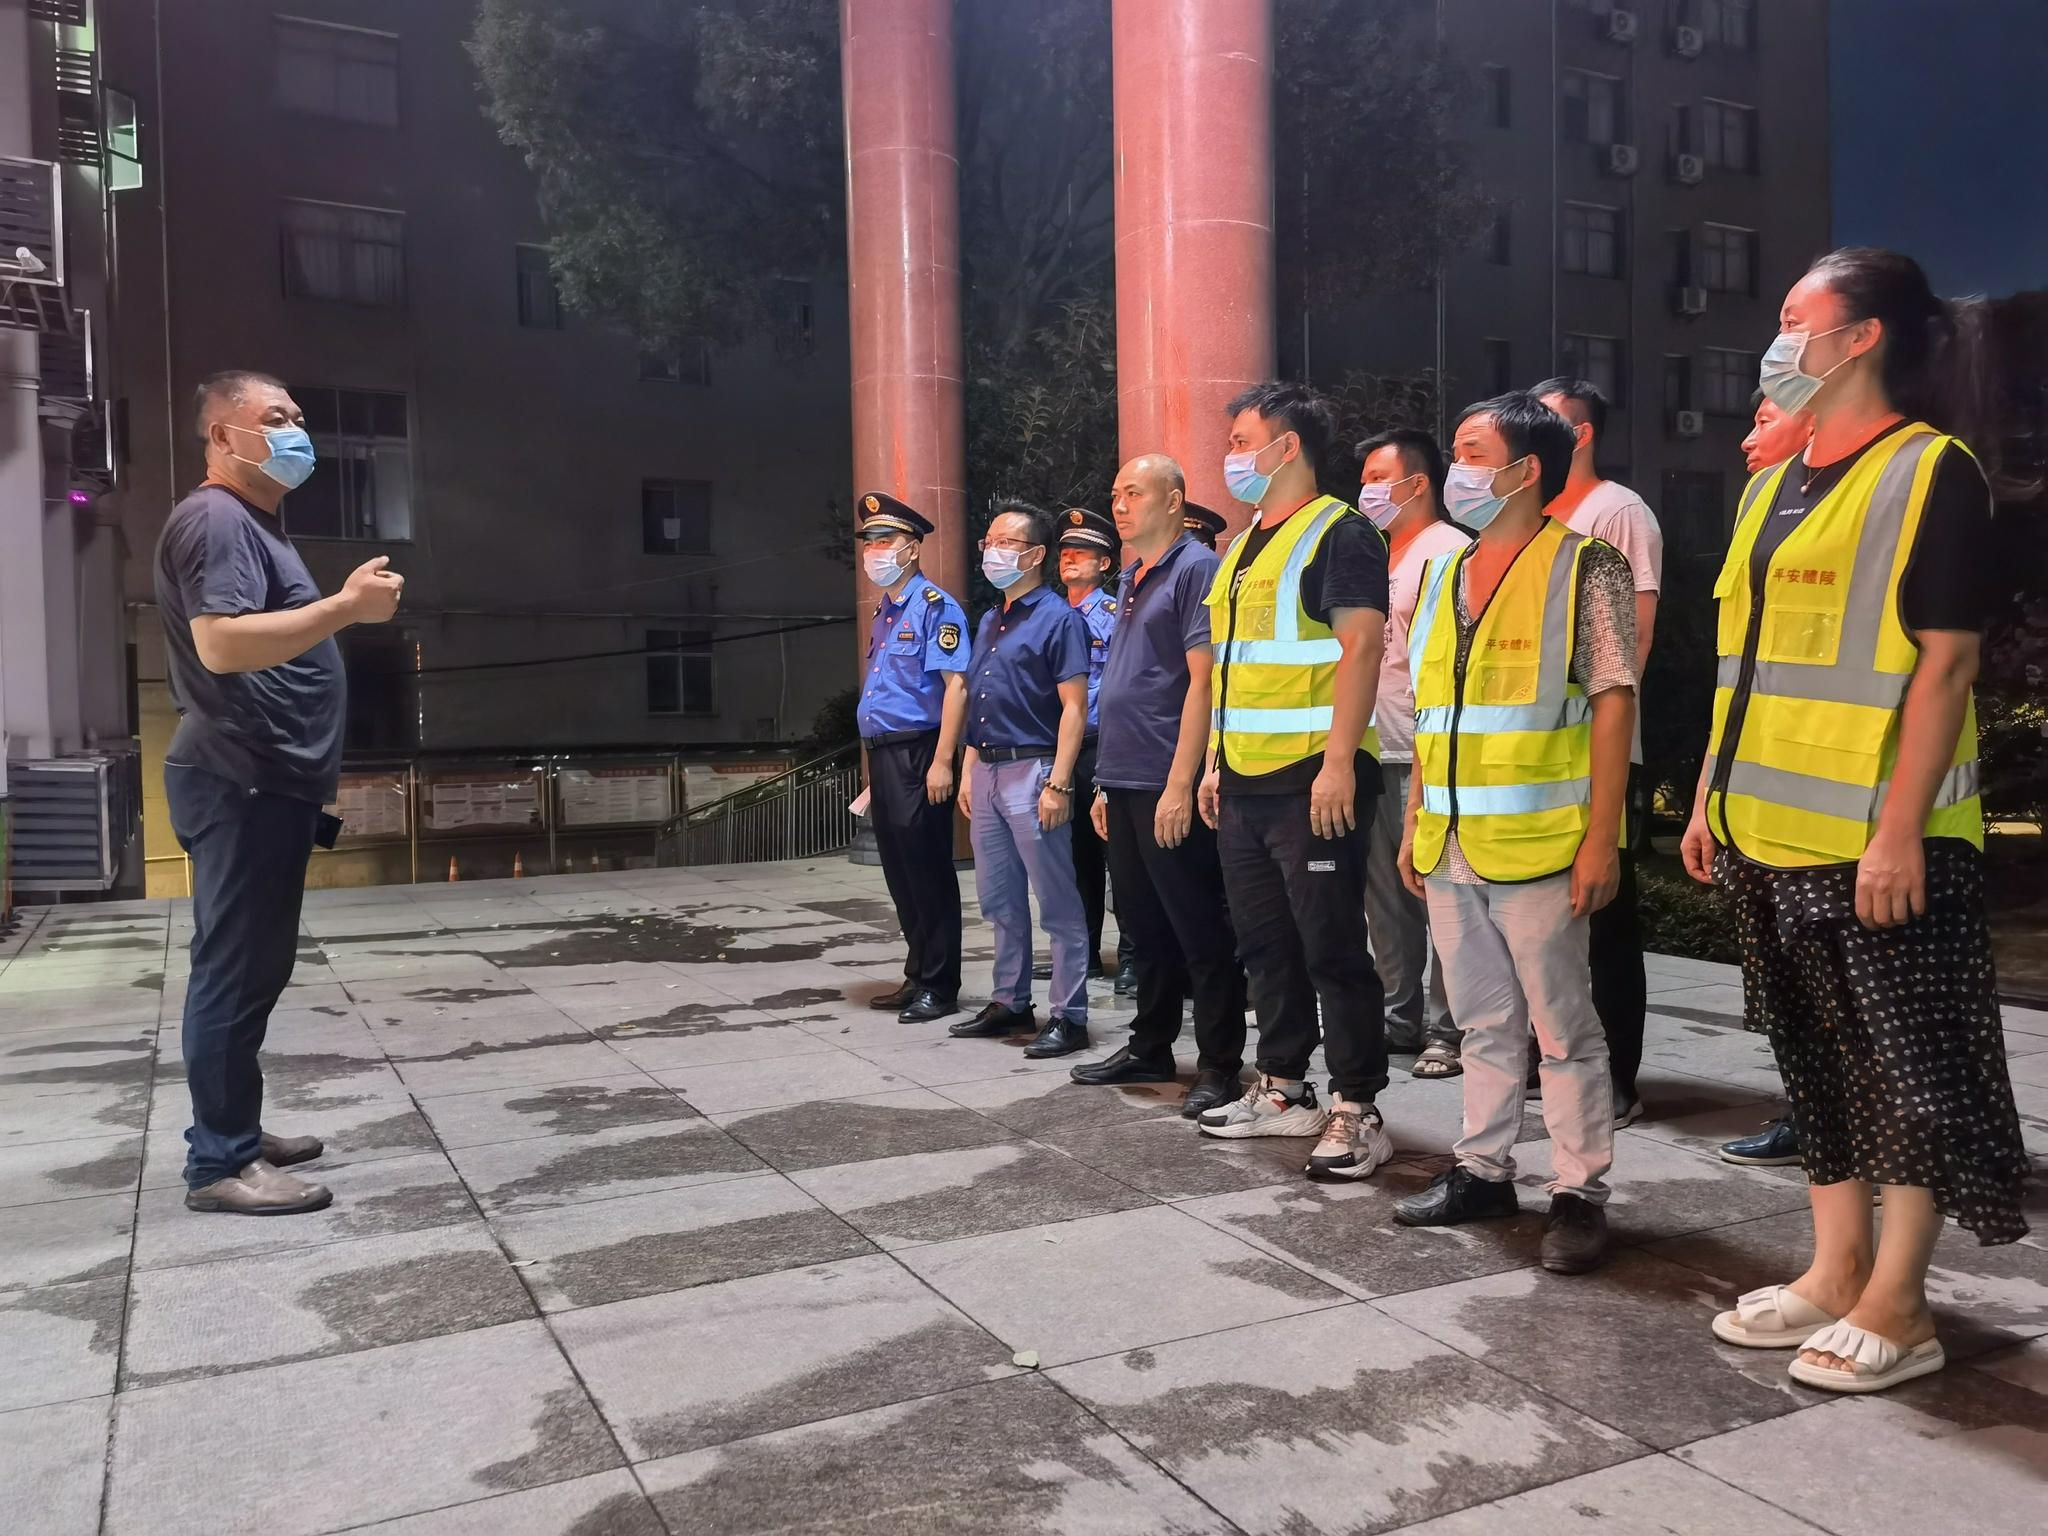 醴陵仙岳山街道集中专项整治 共筑防疫长城